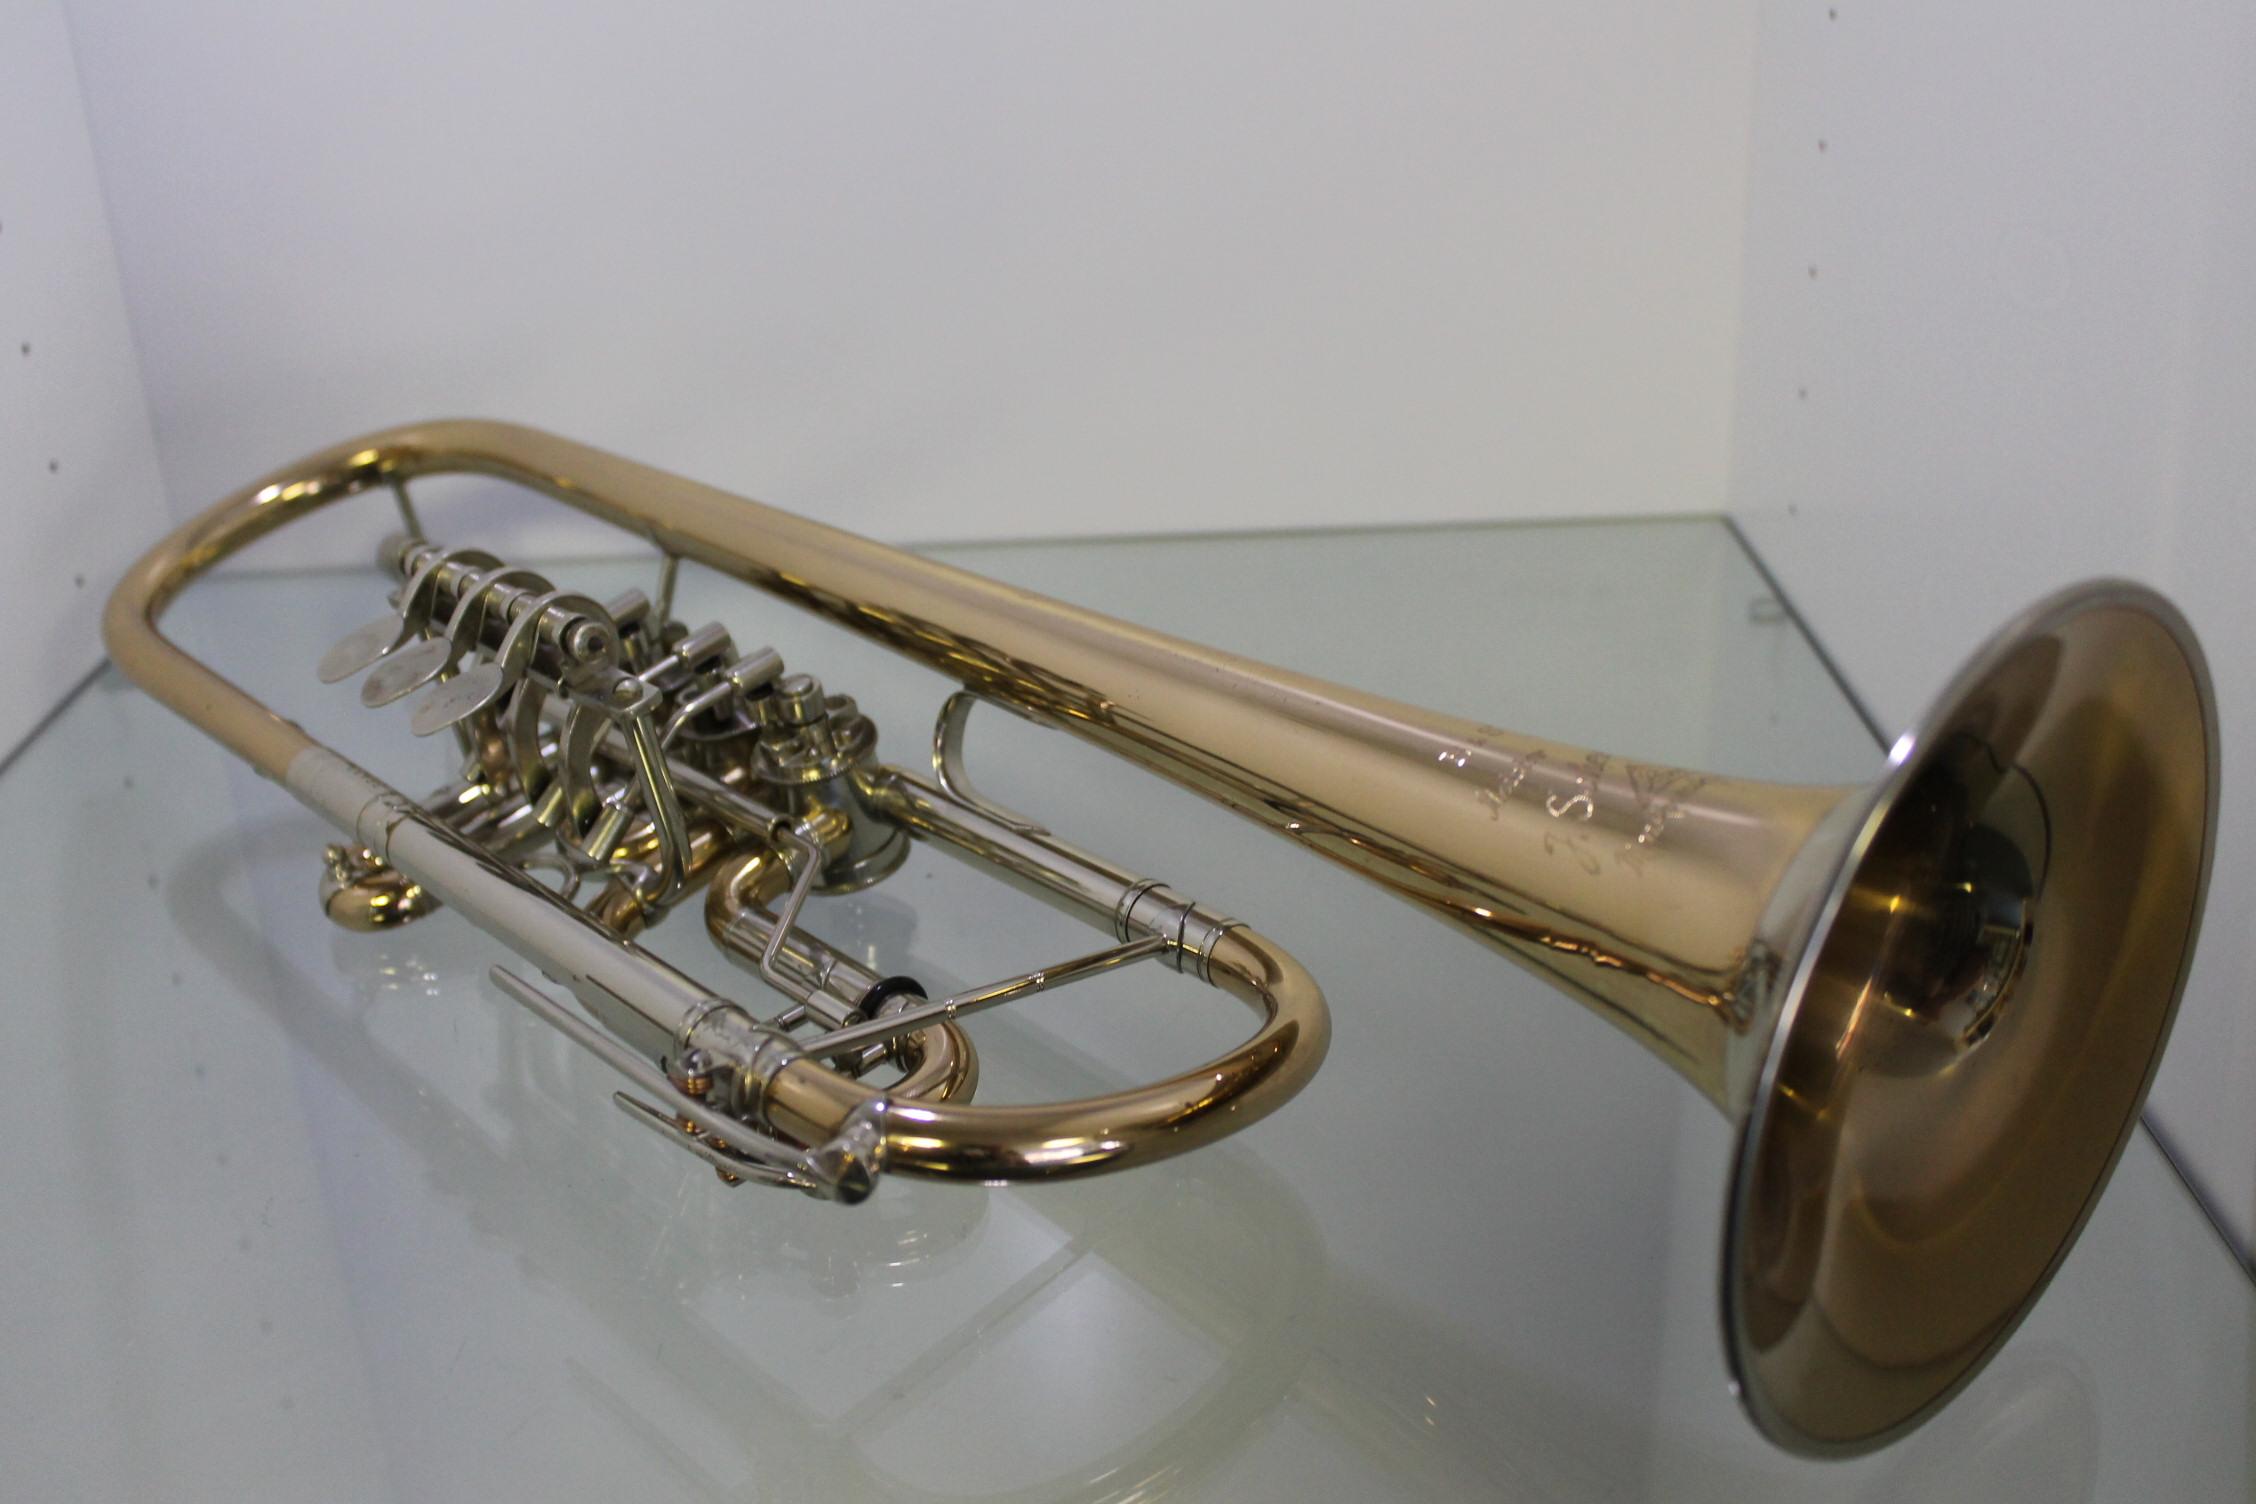 Marsch Bariton Eine GroßE Auswahl An Farben Und Designs Bassflügelhorn Edelstahl Ventile Baßtrompete